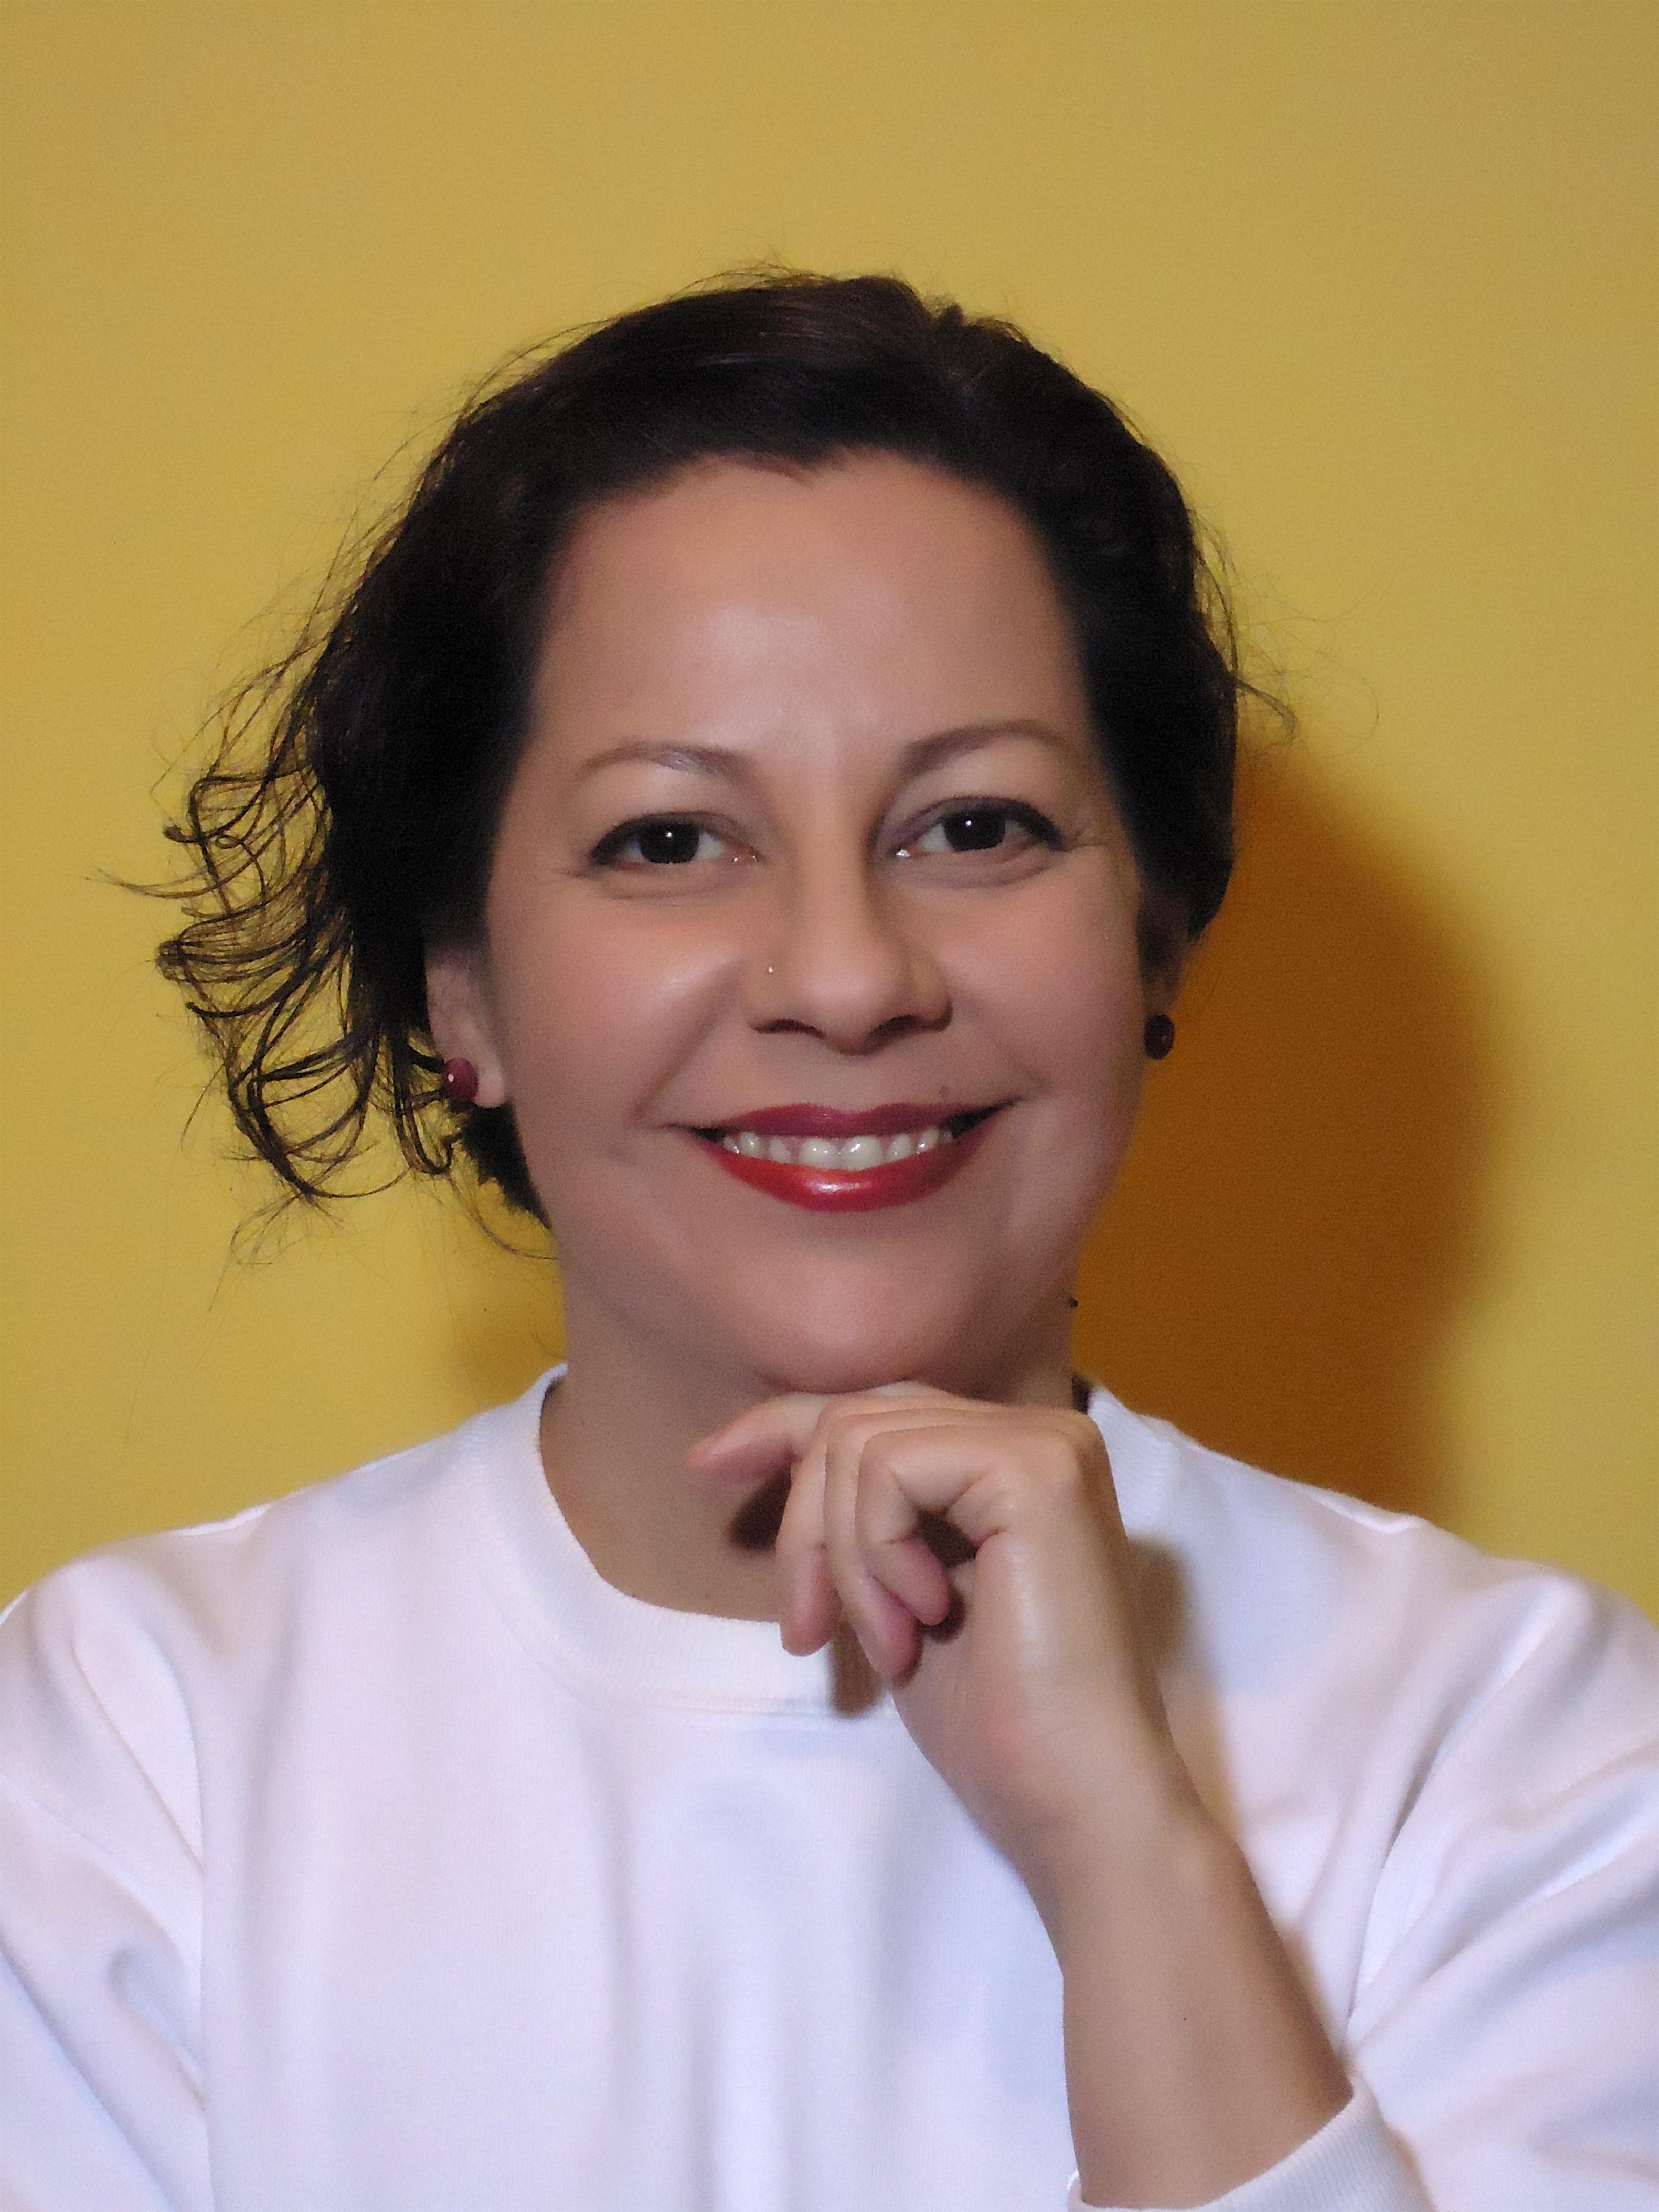 Sandra Luz Sobre o Carreira Beauty